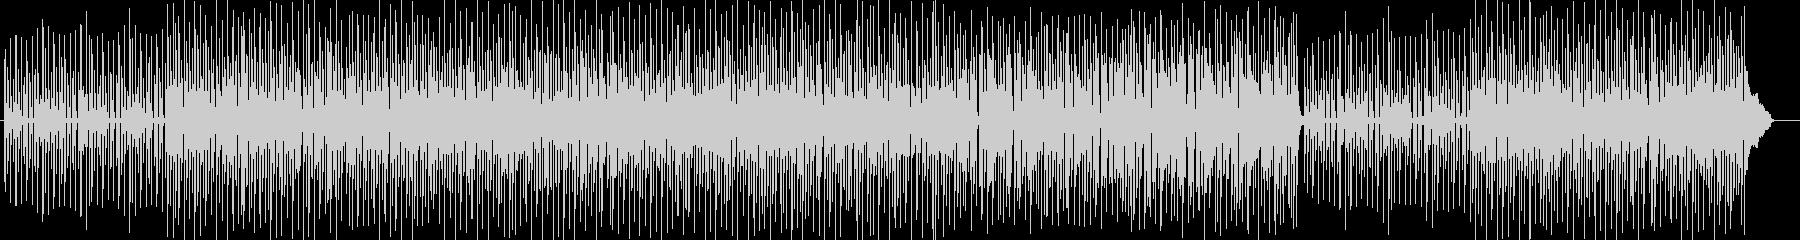 明るく楽しいポップス曲の未再生の波形